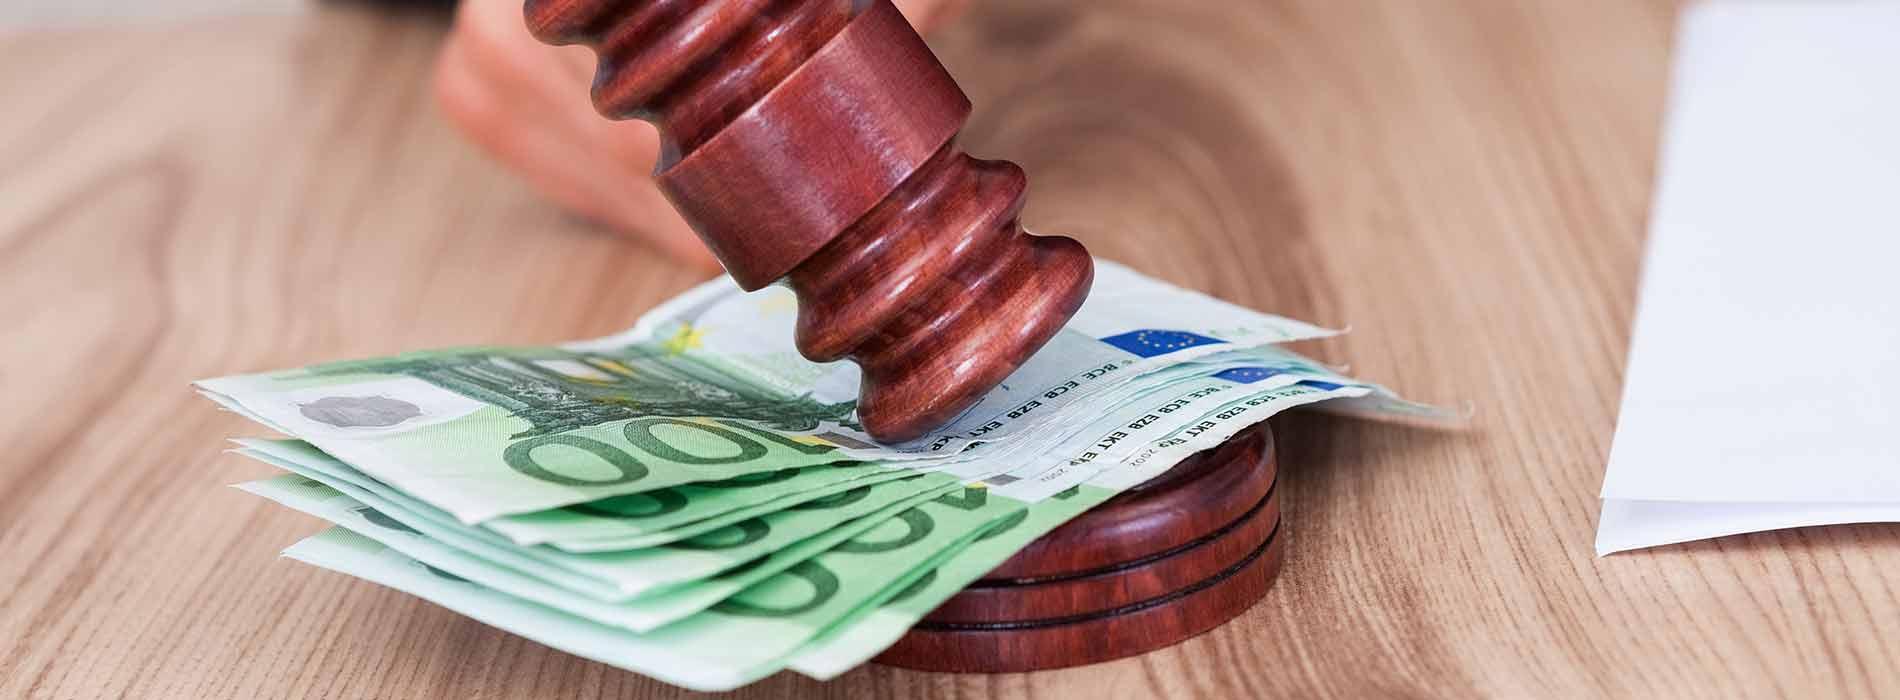 leyes-segunda-oportunidad-abogados-sabadell-tortajada-advocats